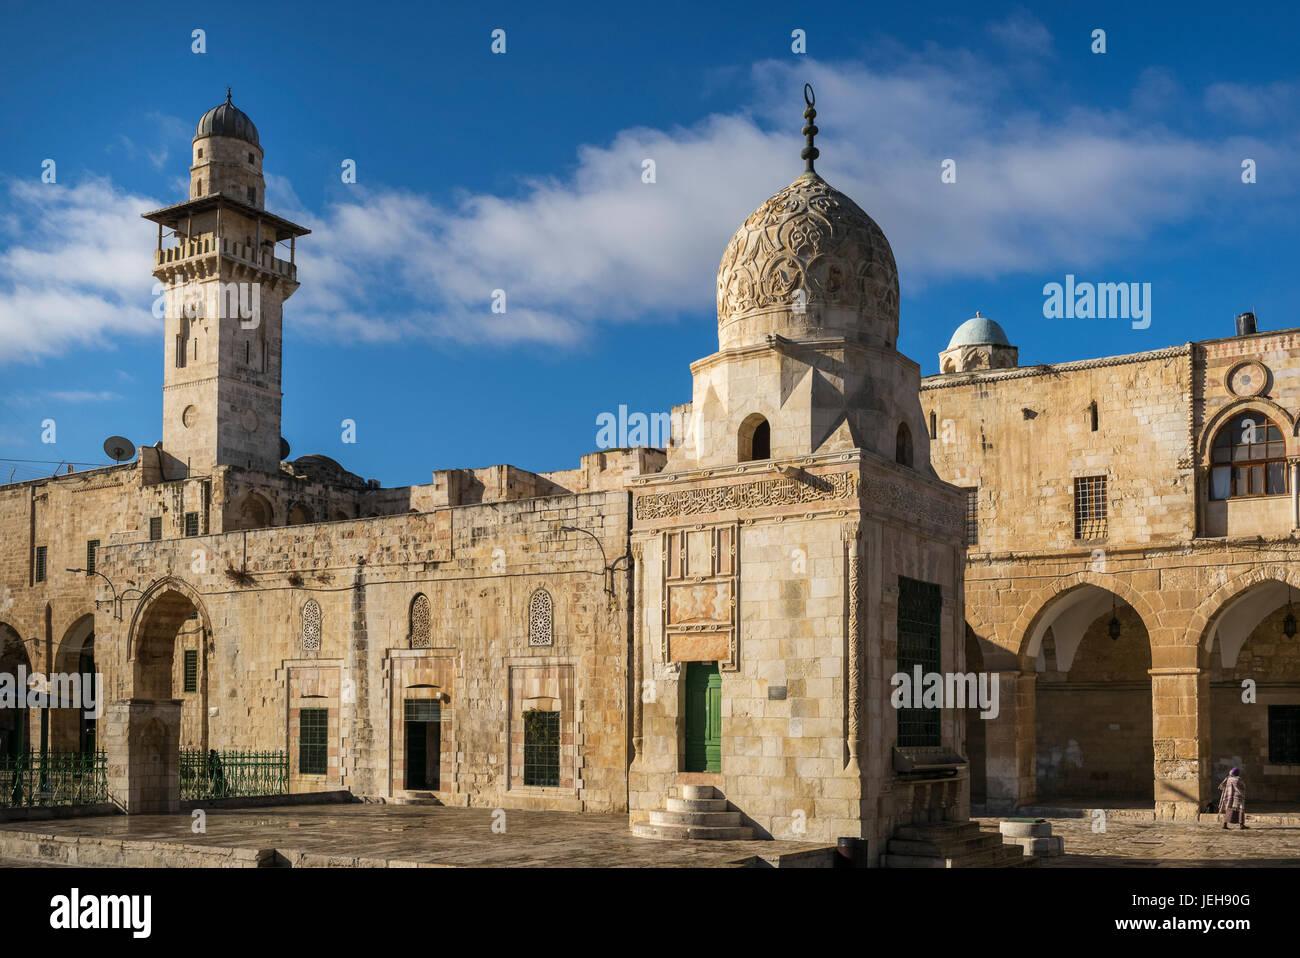 Monte del Tempio, la Città Vecchia di Gerusalemme. Gerusalemme, Israele Immagini Stock